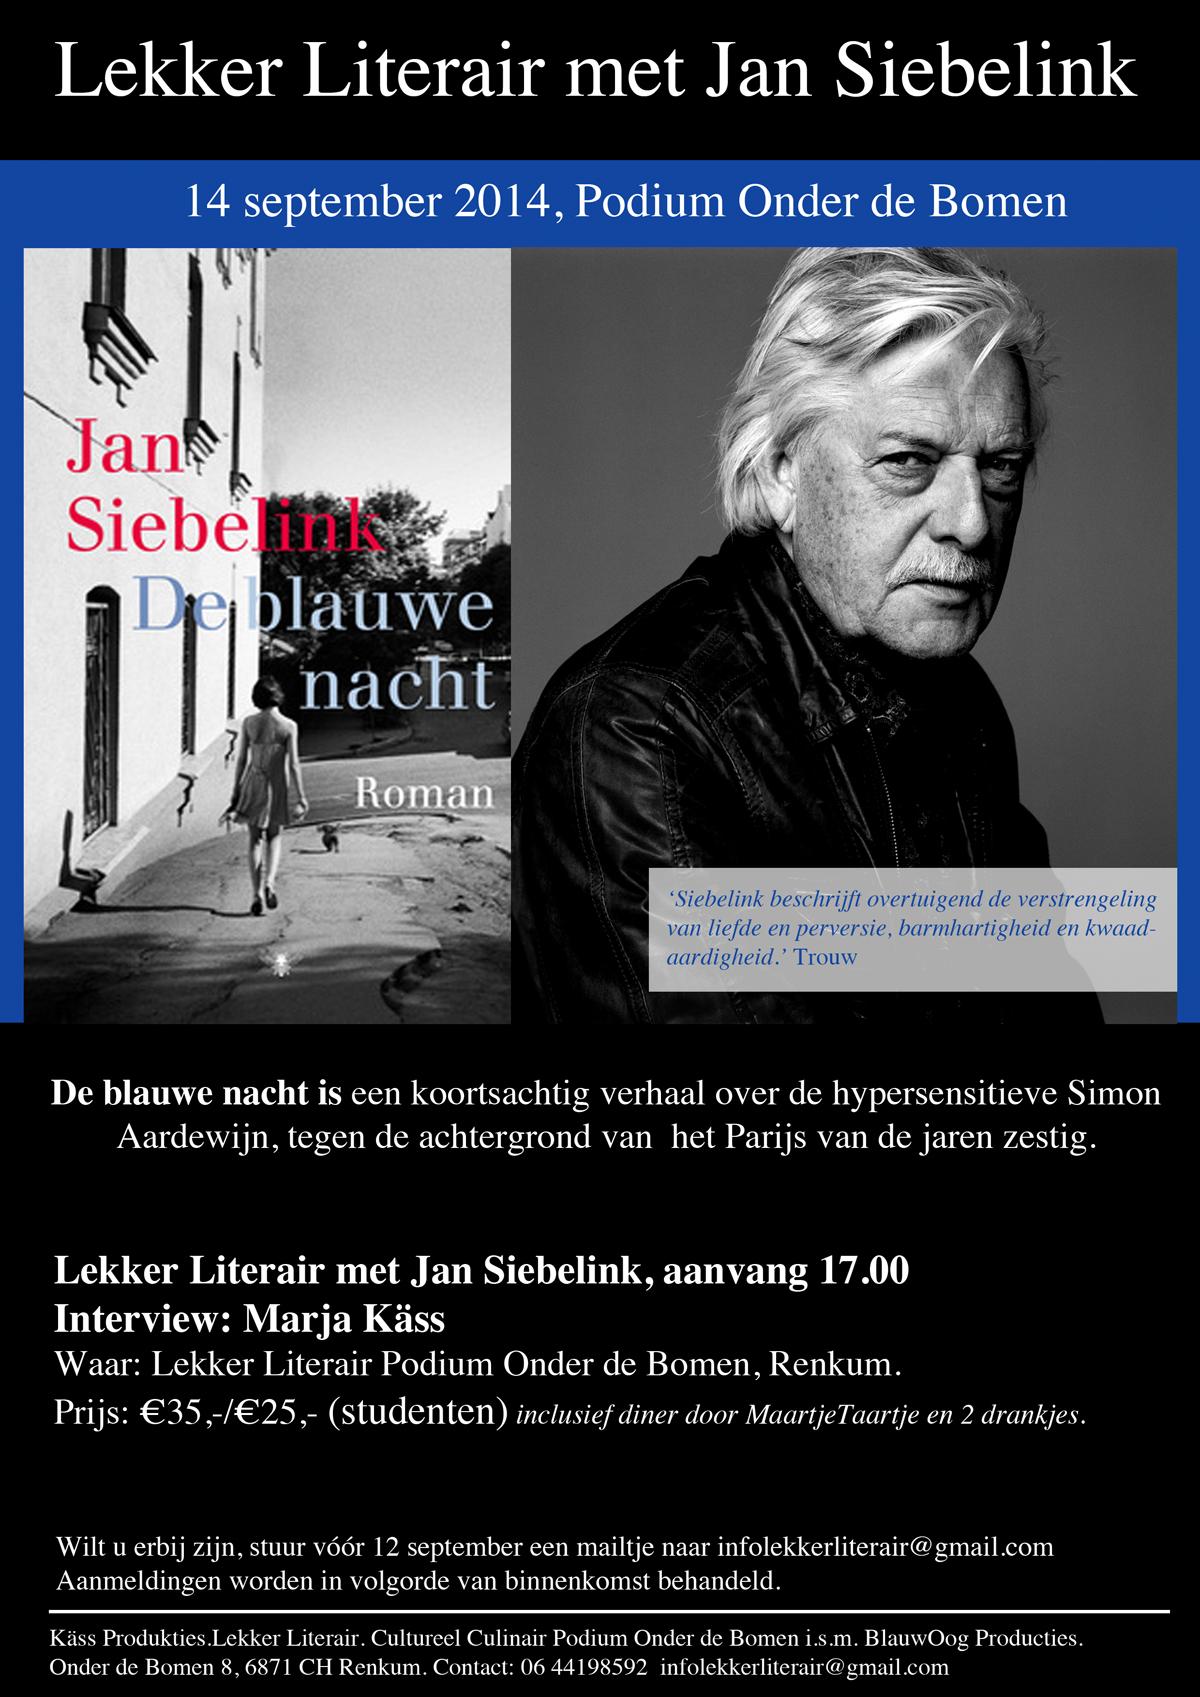 Lekker Literair met Jan Siebelink uitnodiging